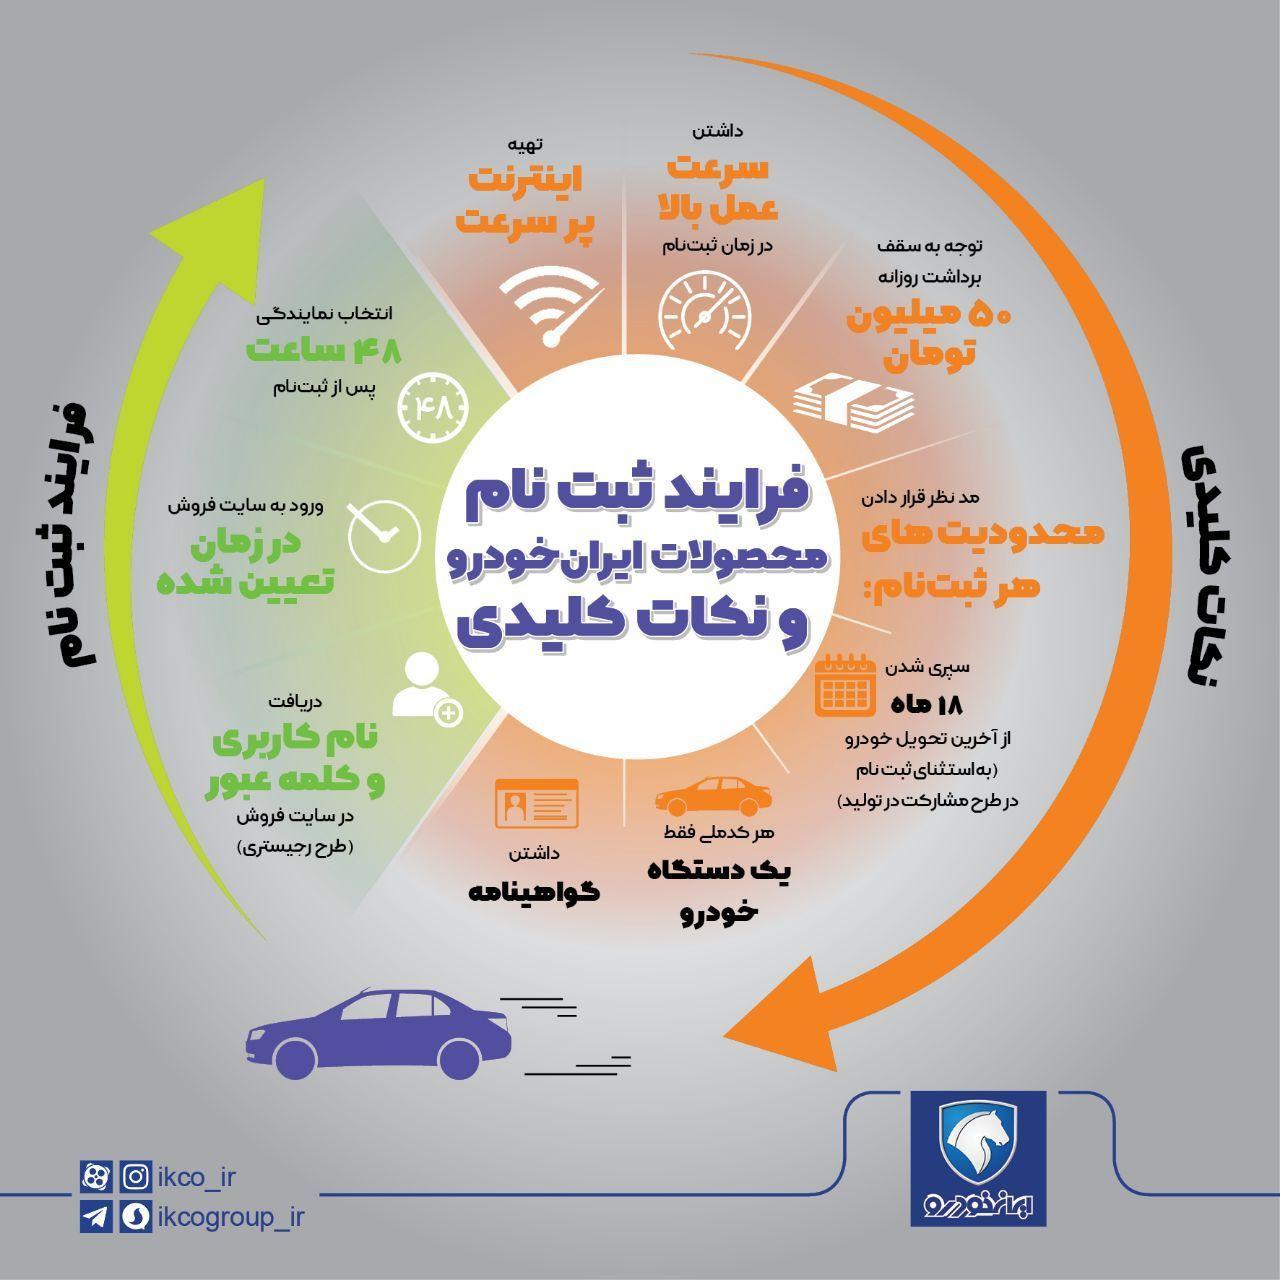 ۷ نکته کلیدی برای خرید اینترنتی خودرو (+اینفوگرافی)